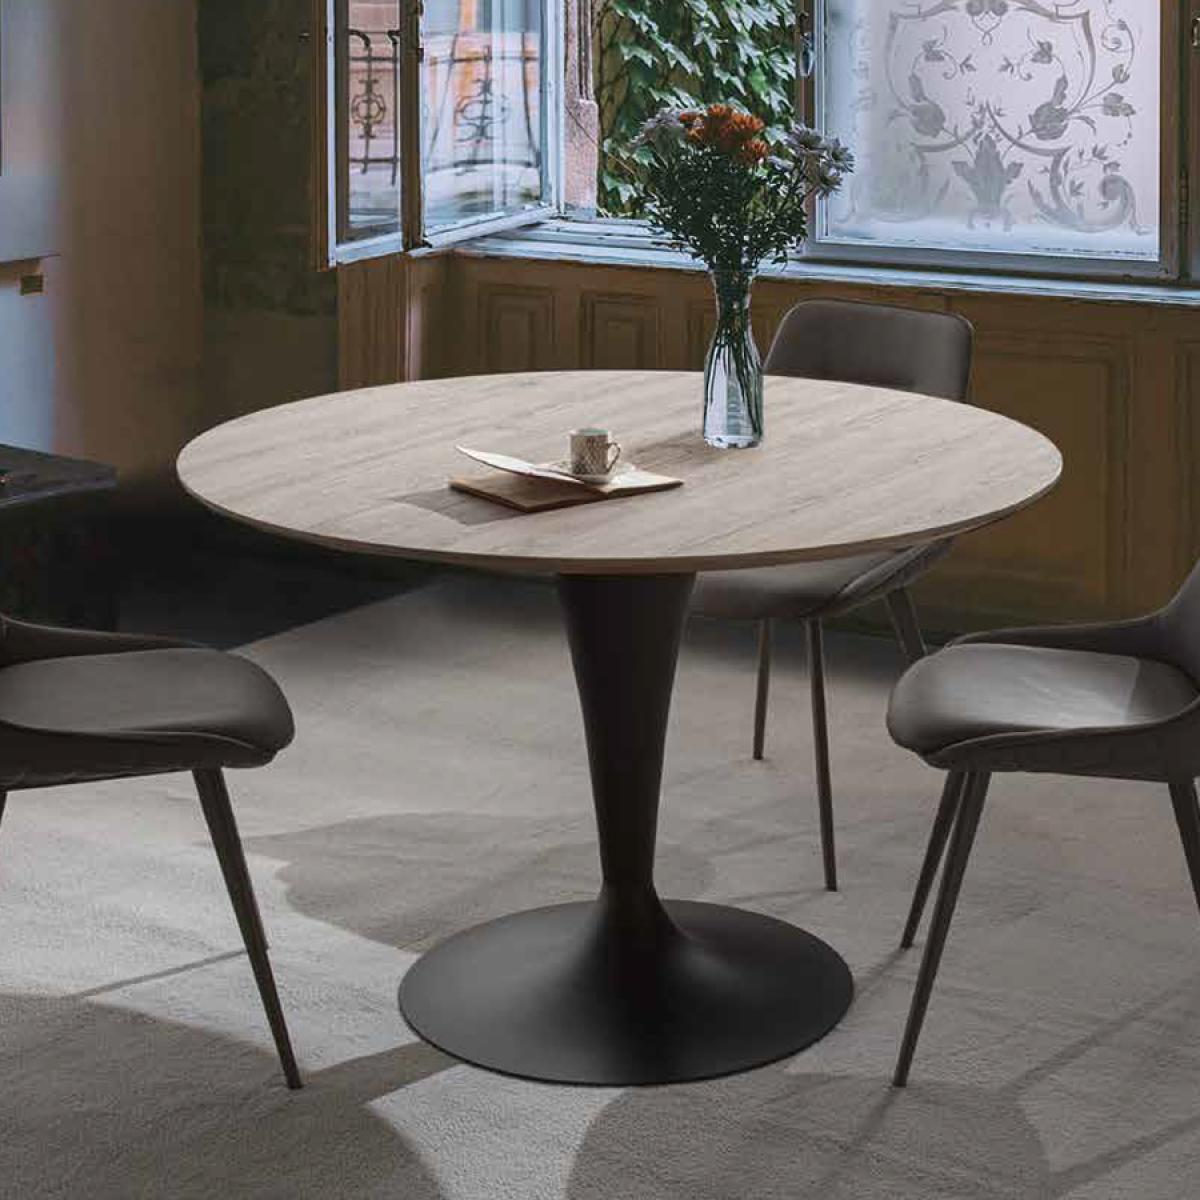 Nouvomeuble Table ronde extensible couleur bois CESARIO